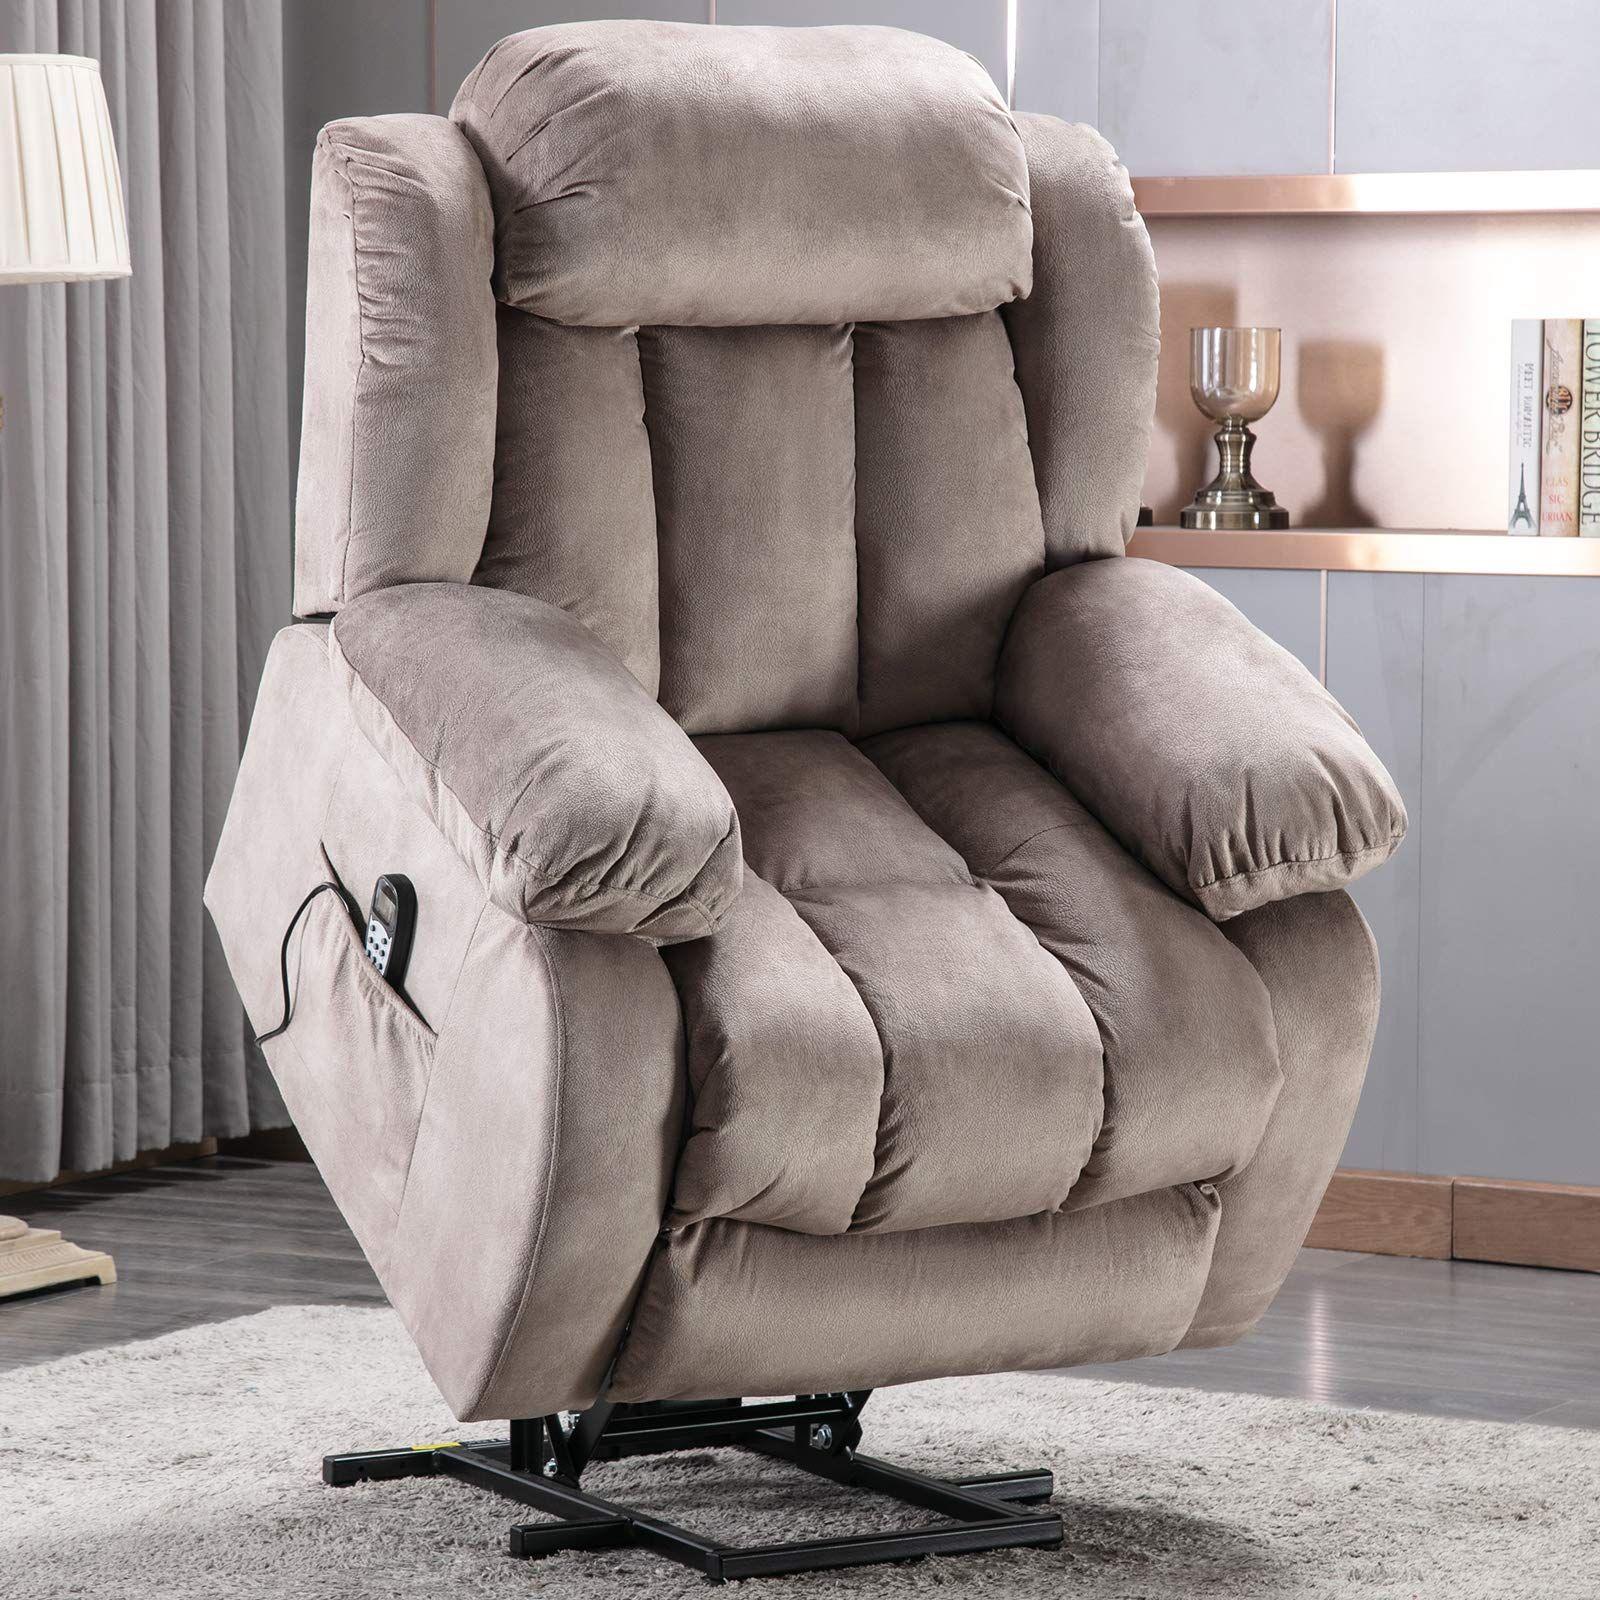 ANJ Power Lift Recliner Chair with Massage & Heat